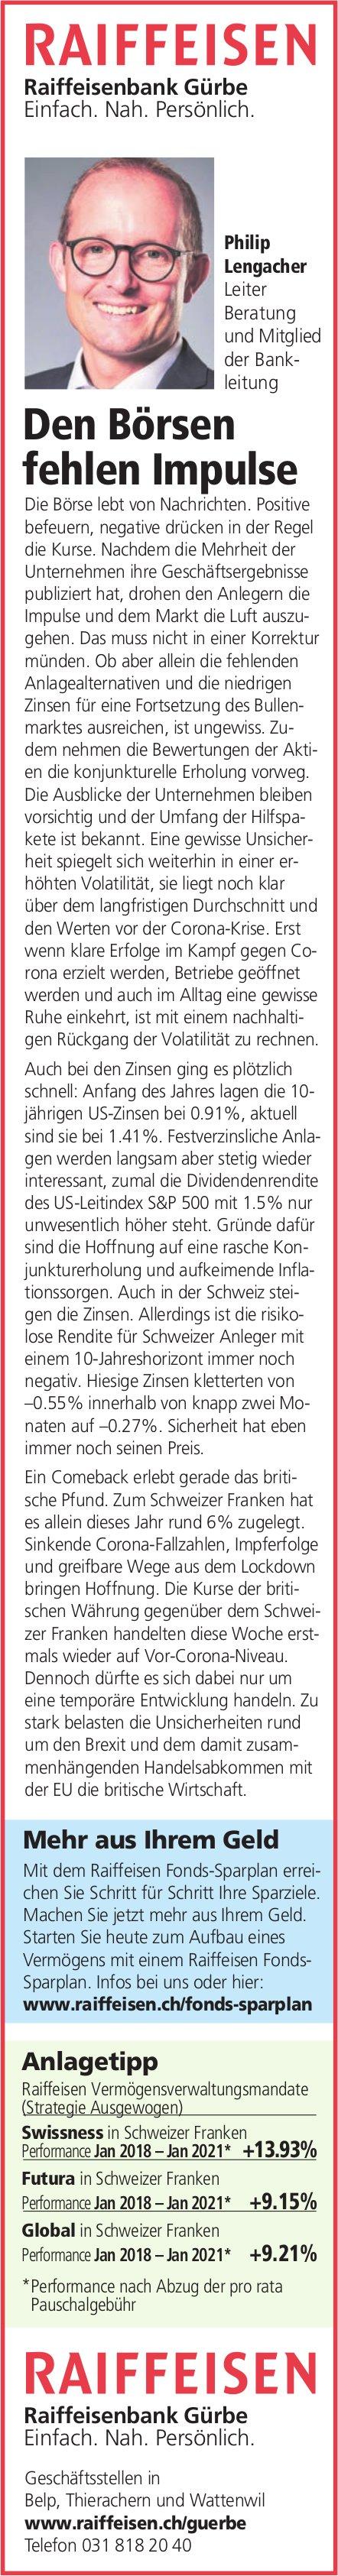 Raiffeisenbank Gürbe - Den Börsen fehlen Impulse